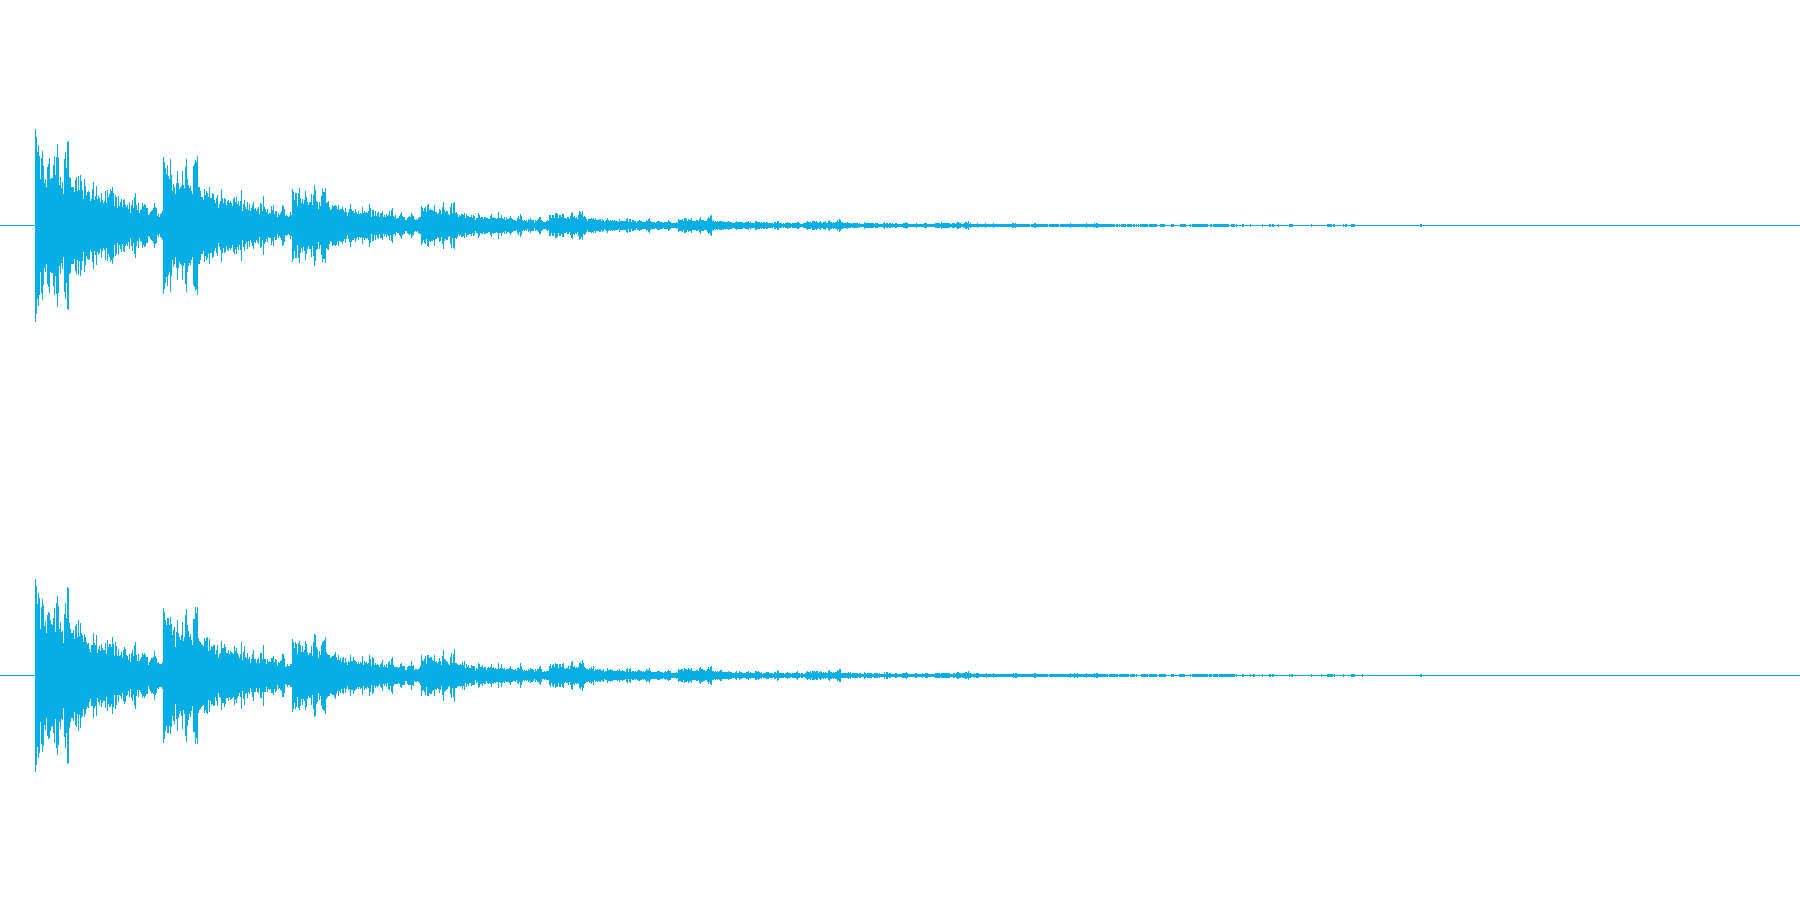 【アクセント20-4】の再生済みの波形